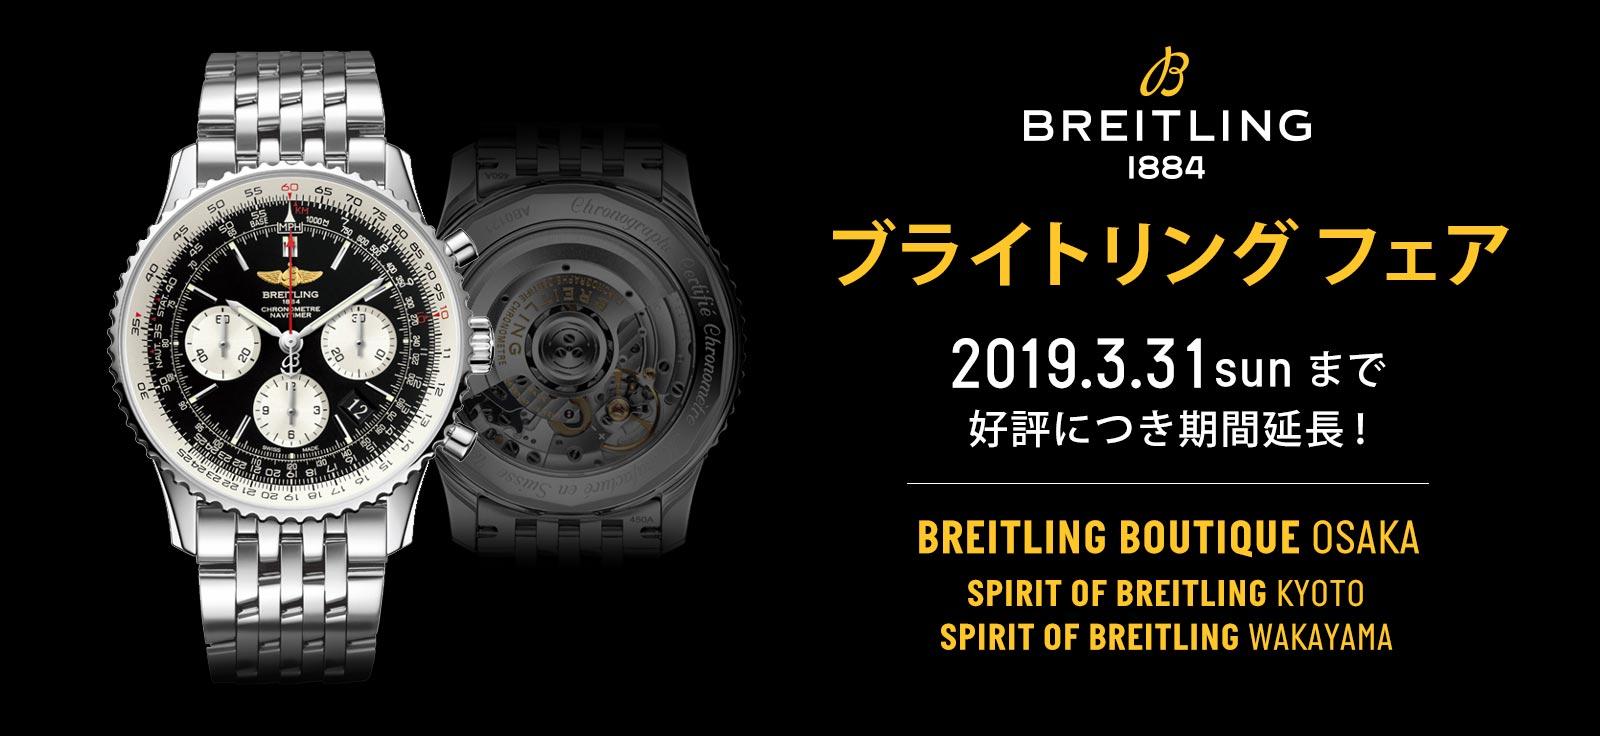 ブライトリング・フェア 2019.2/15-3/17|ブライトリング ブティック大阪